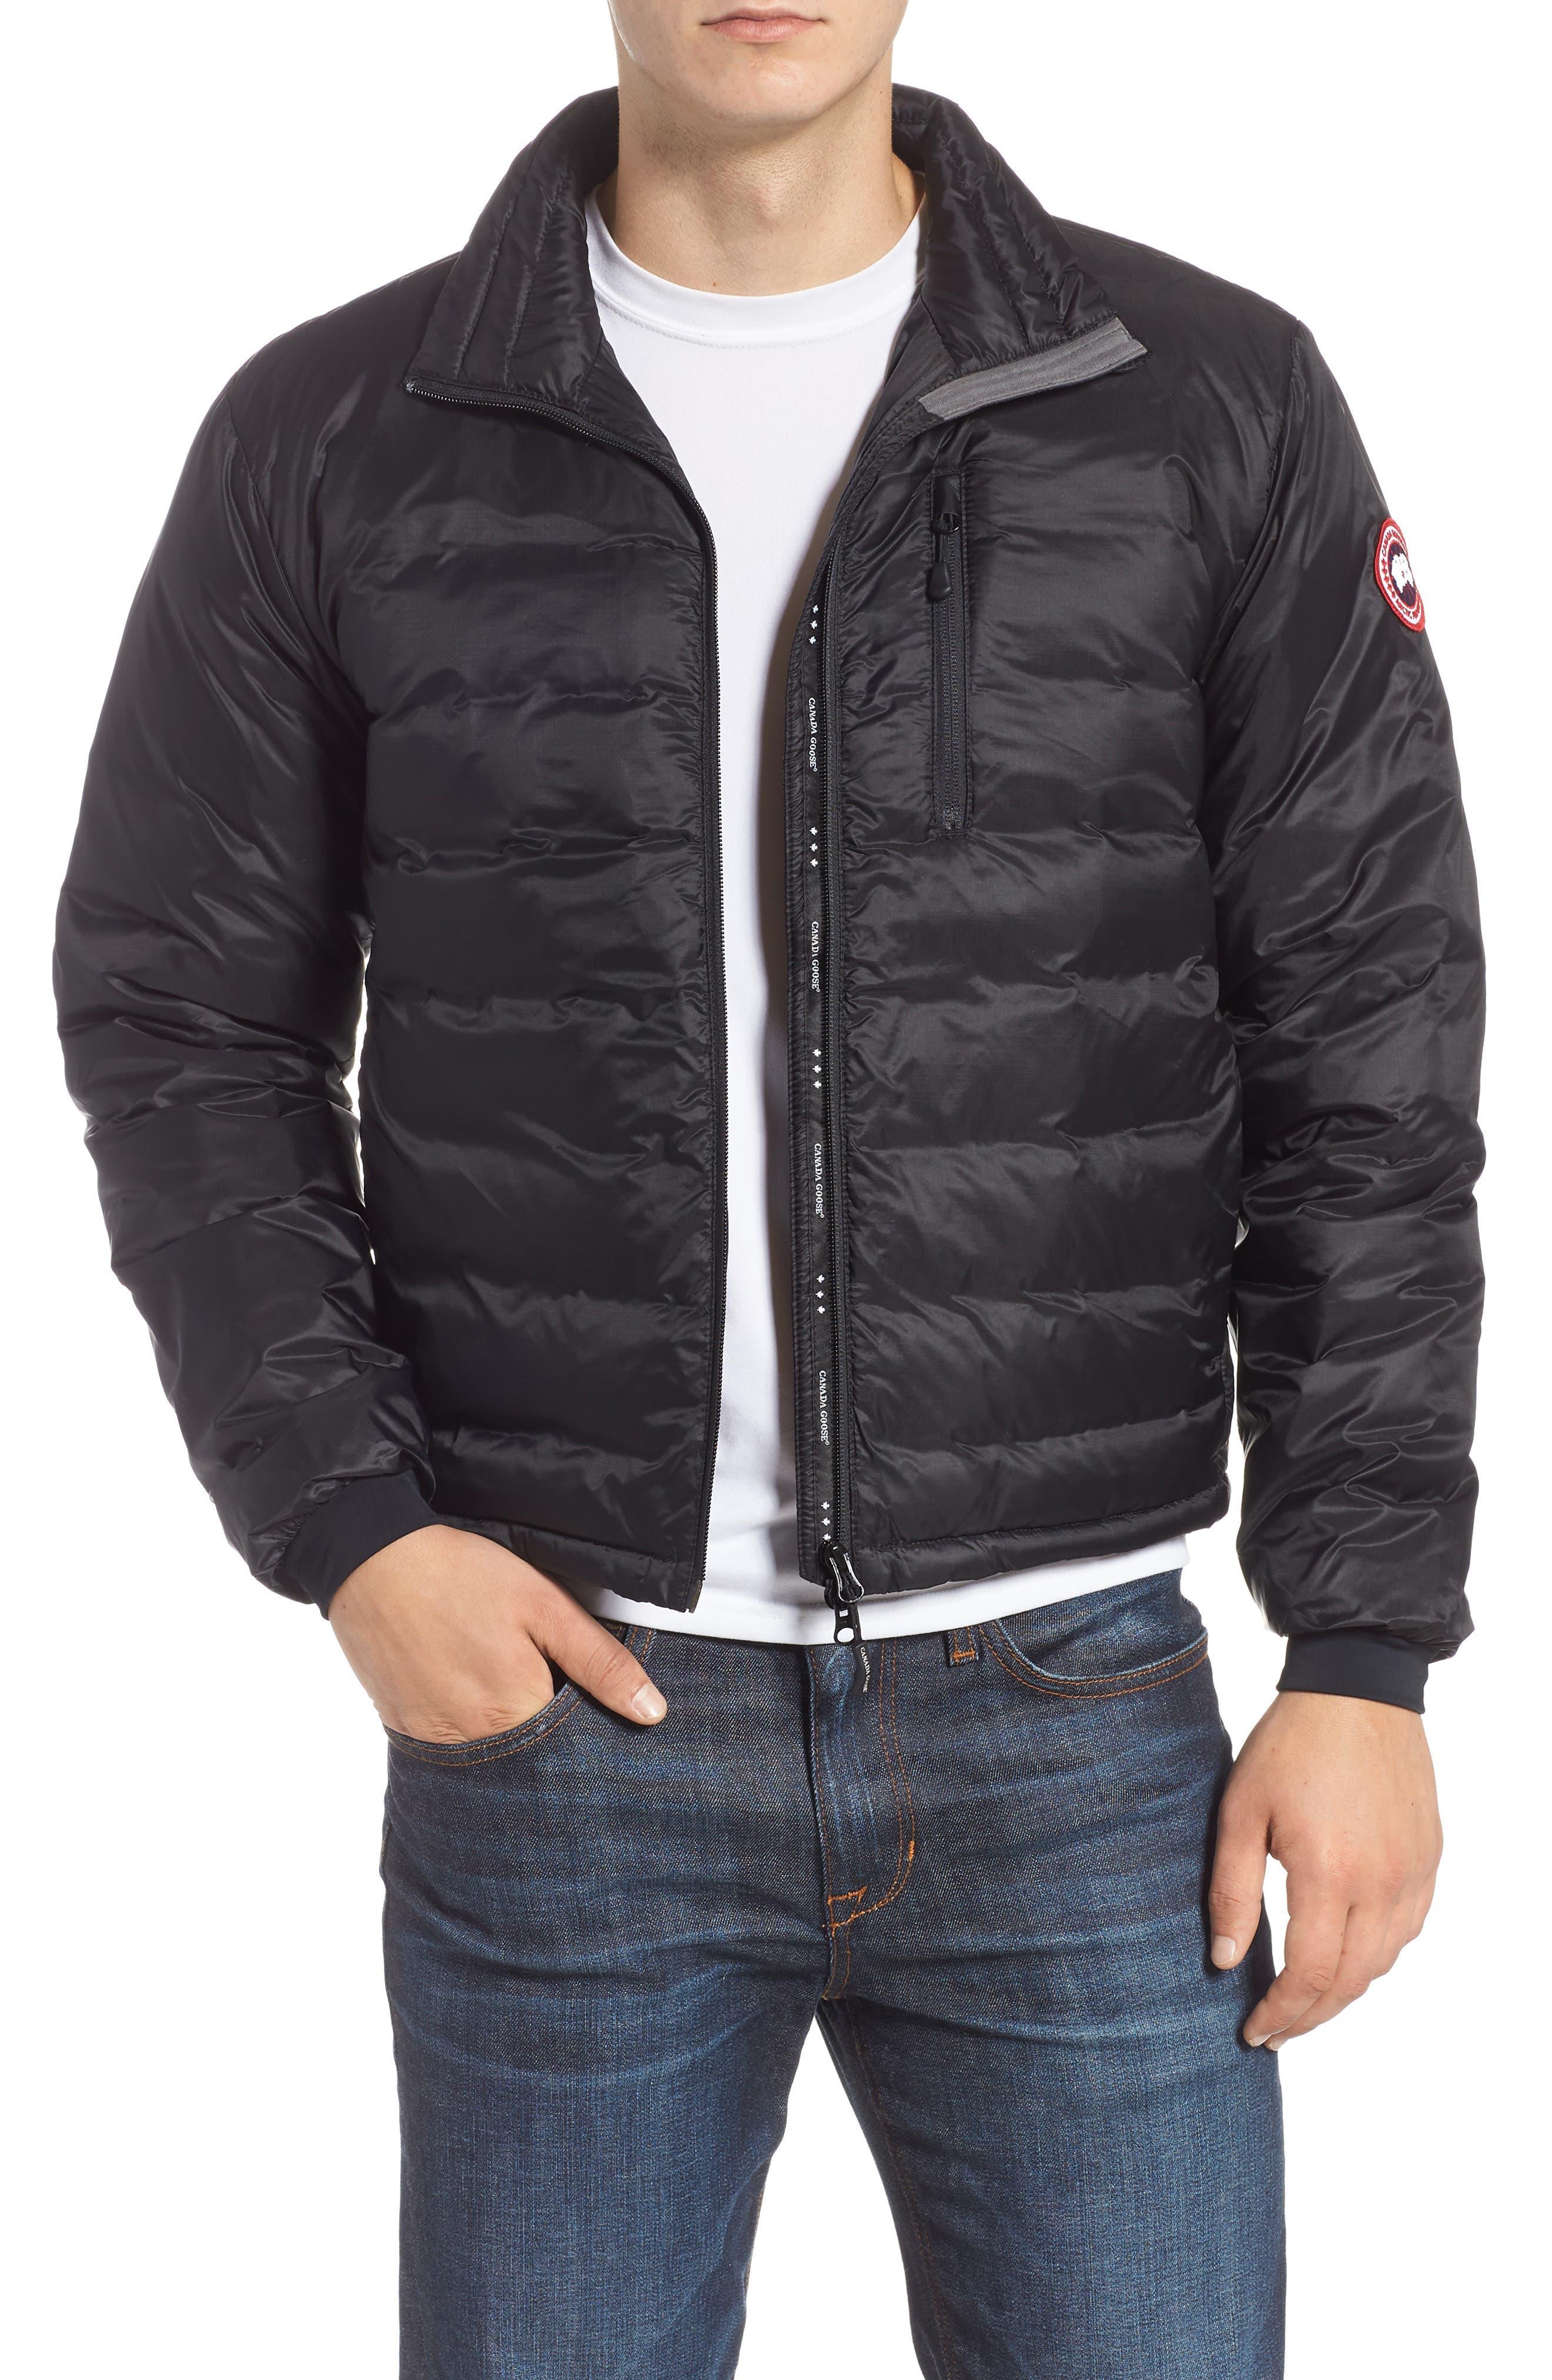 460fa8fdd new arrivals canada goose coat nordstrom rack jacket f4b43 40f3b